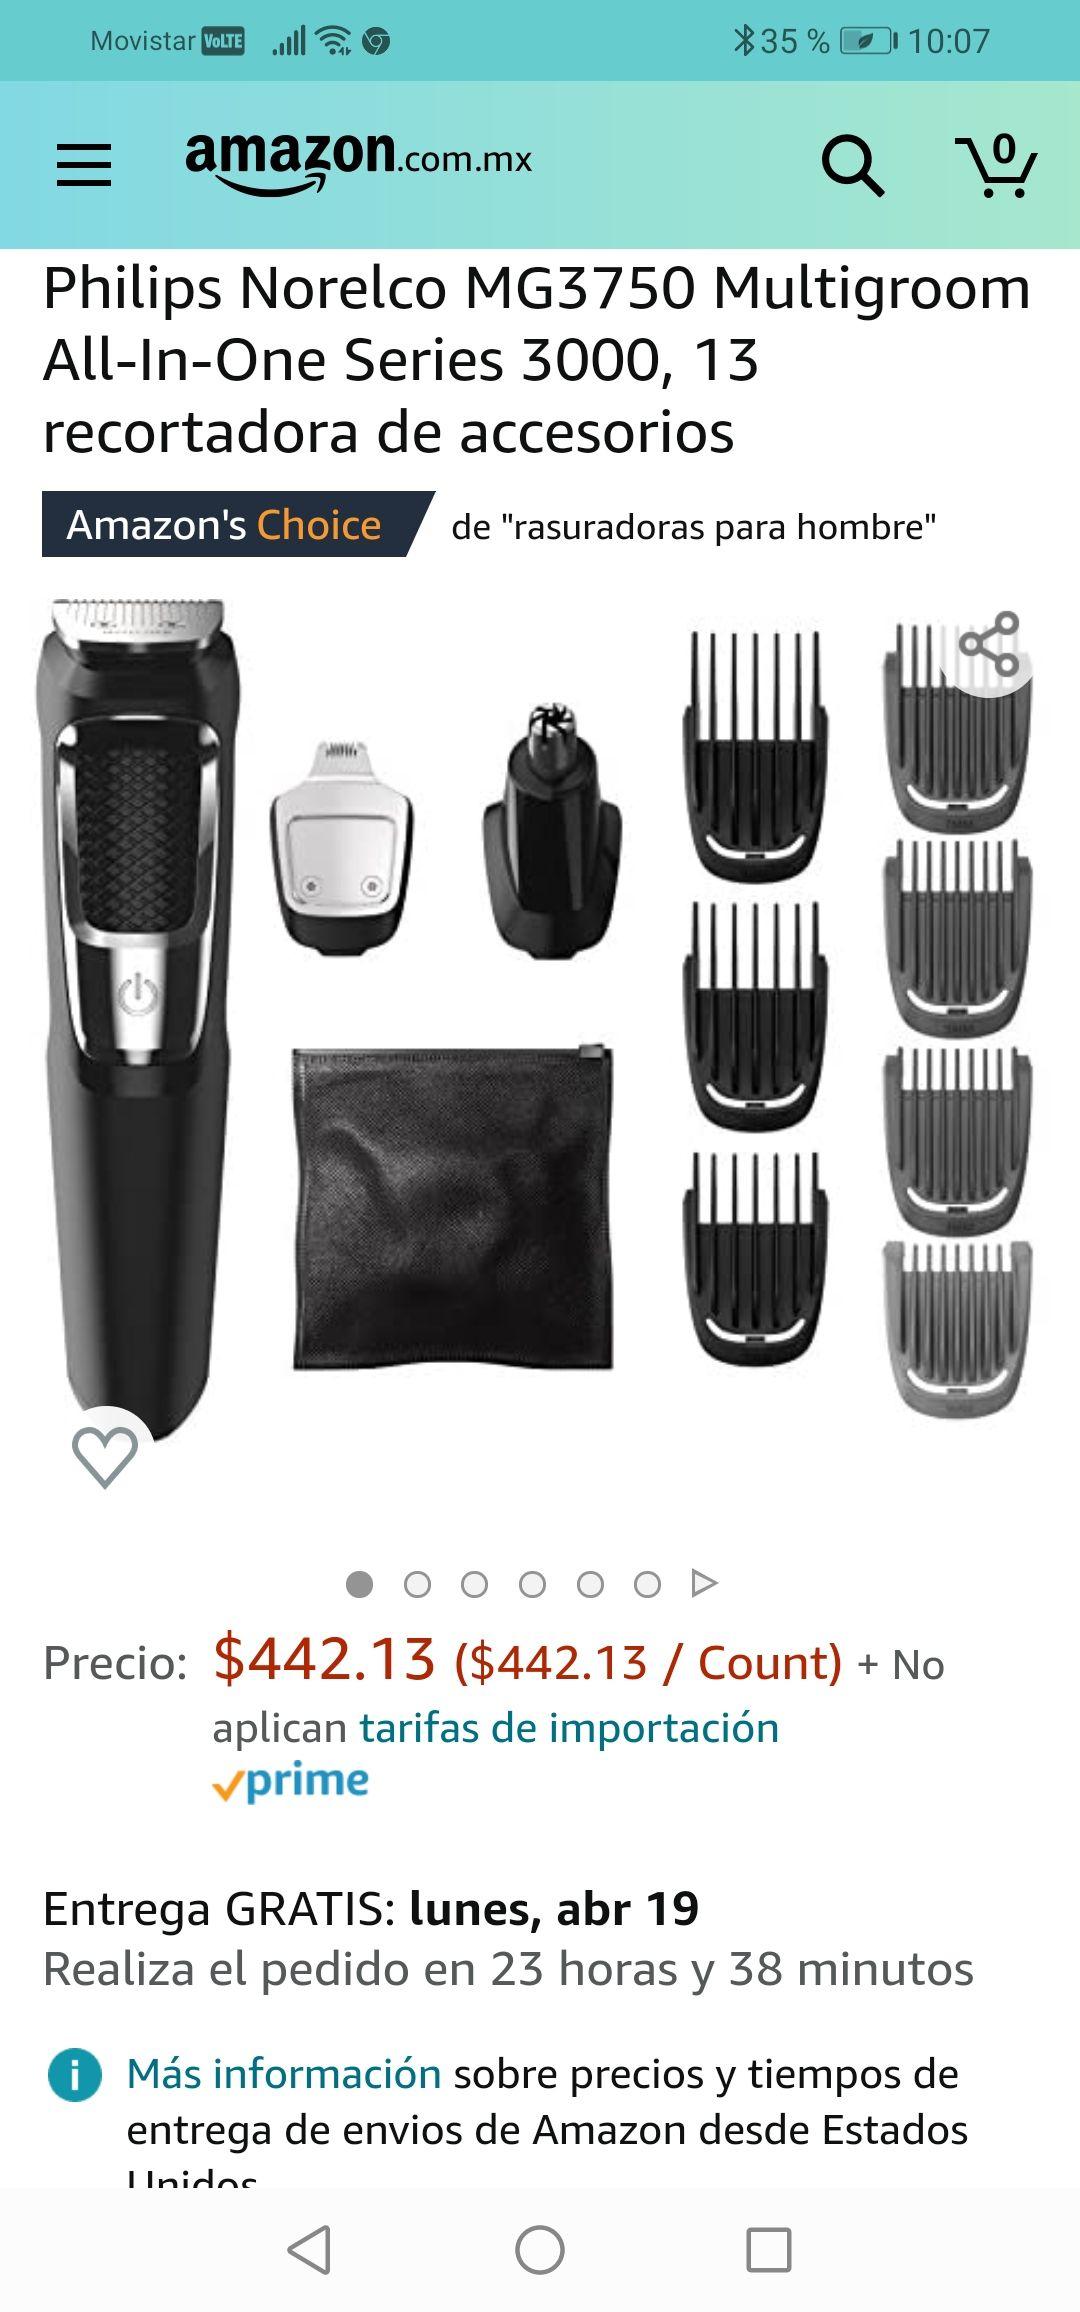 Amazon: Philips Norelco MG3750 Multigroom All-In-One Series 3000, 13 recortadora de accesorios